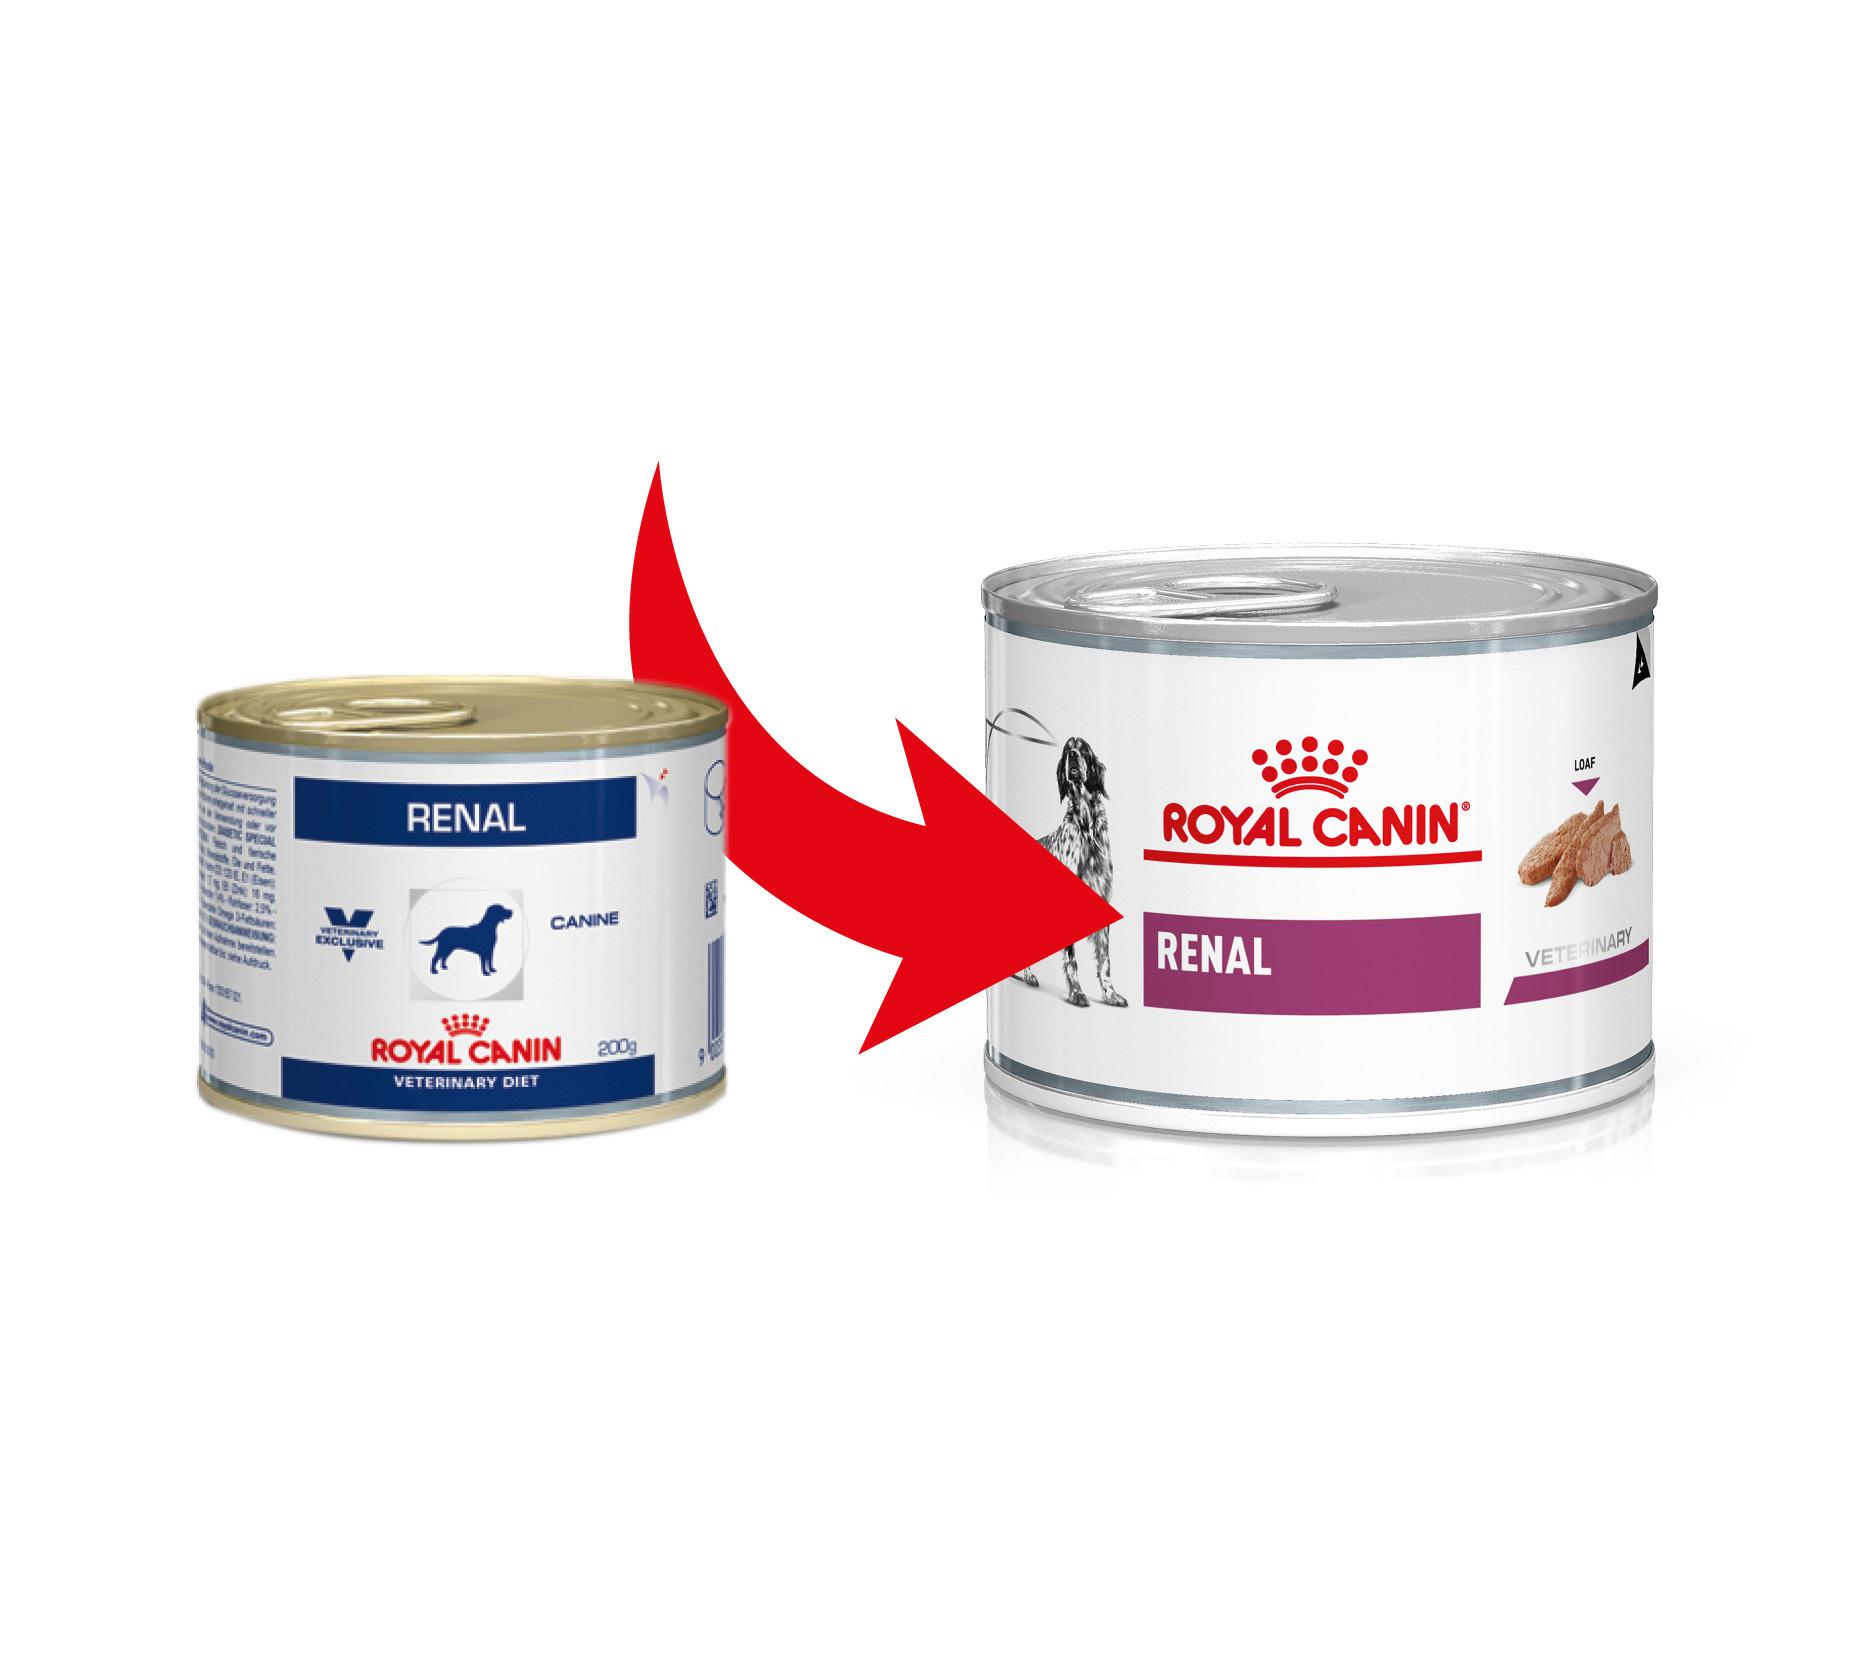 Royal Canin Veterinary Diet Renal Hundefutter (Dosen) 200g